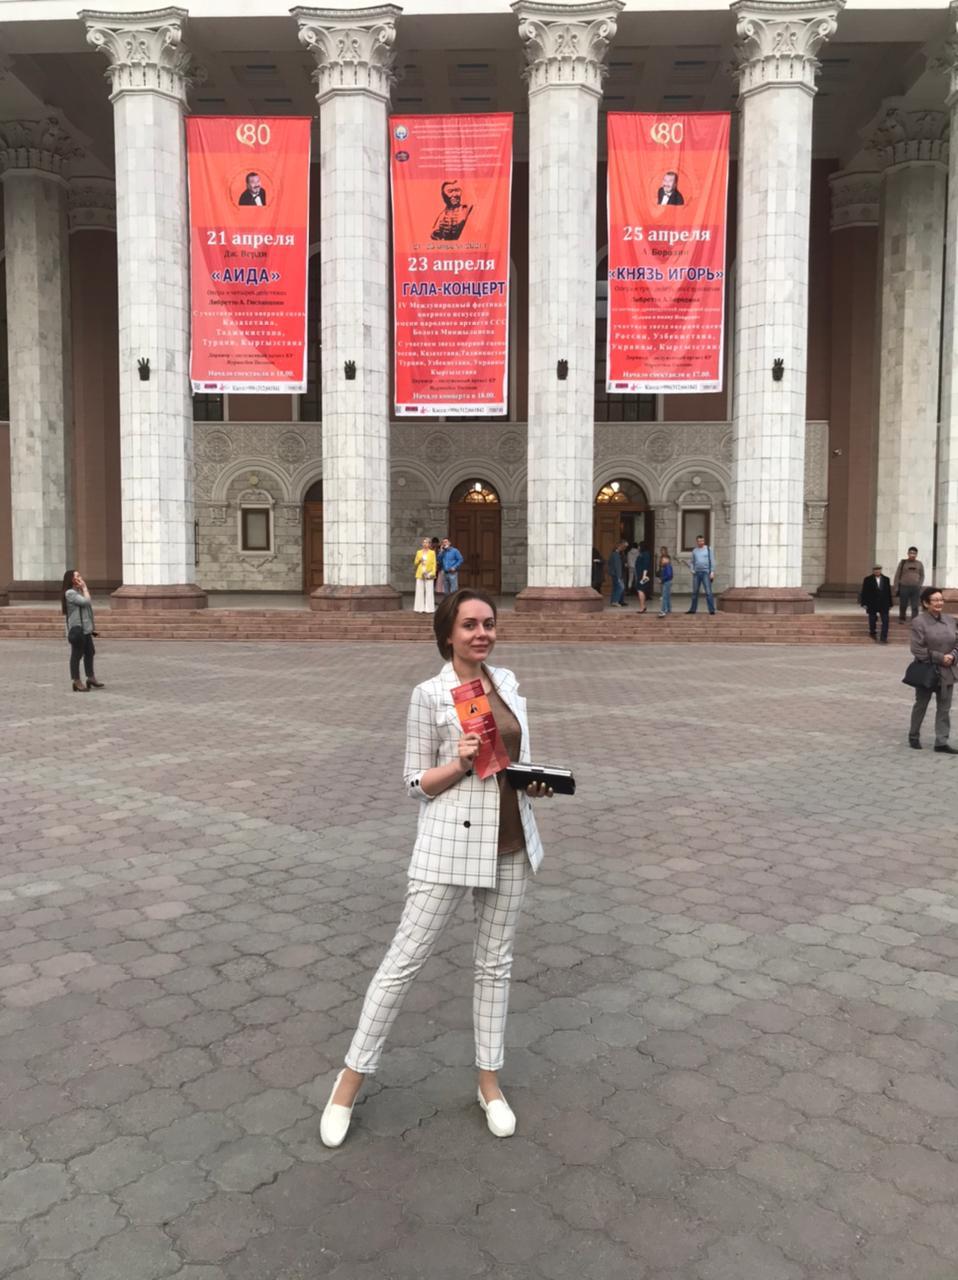 Есть Театр оперы и балета, филармония, музеи и даже гастролирует Стас Пьеха